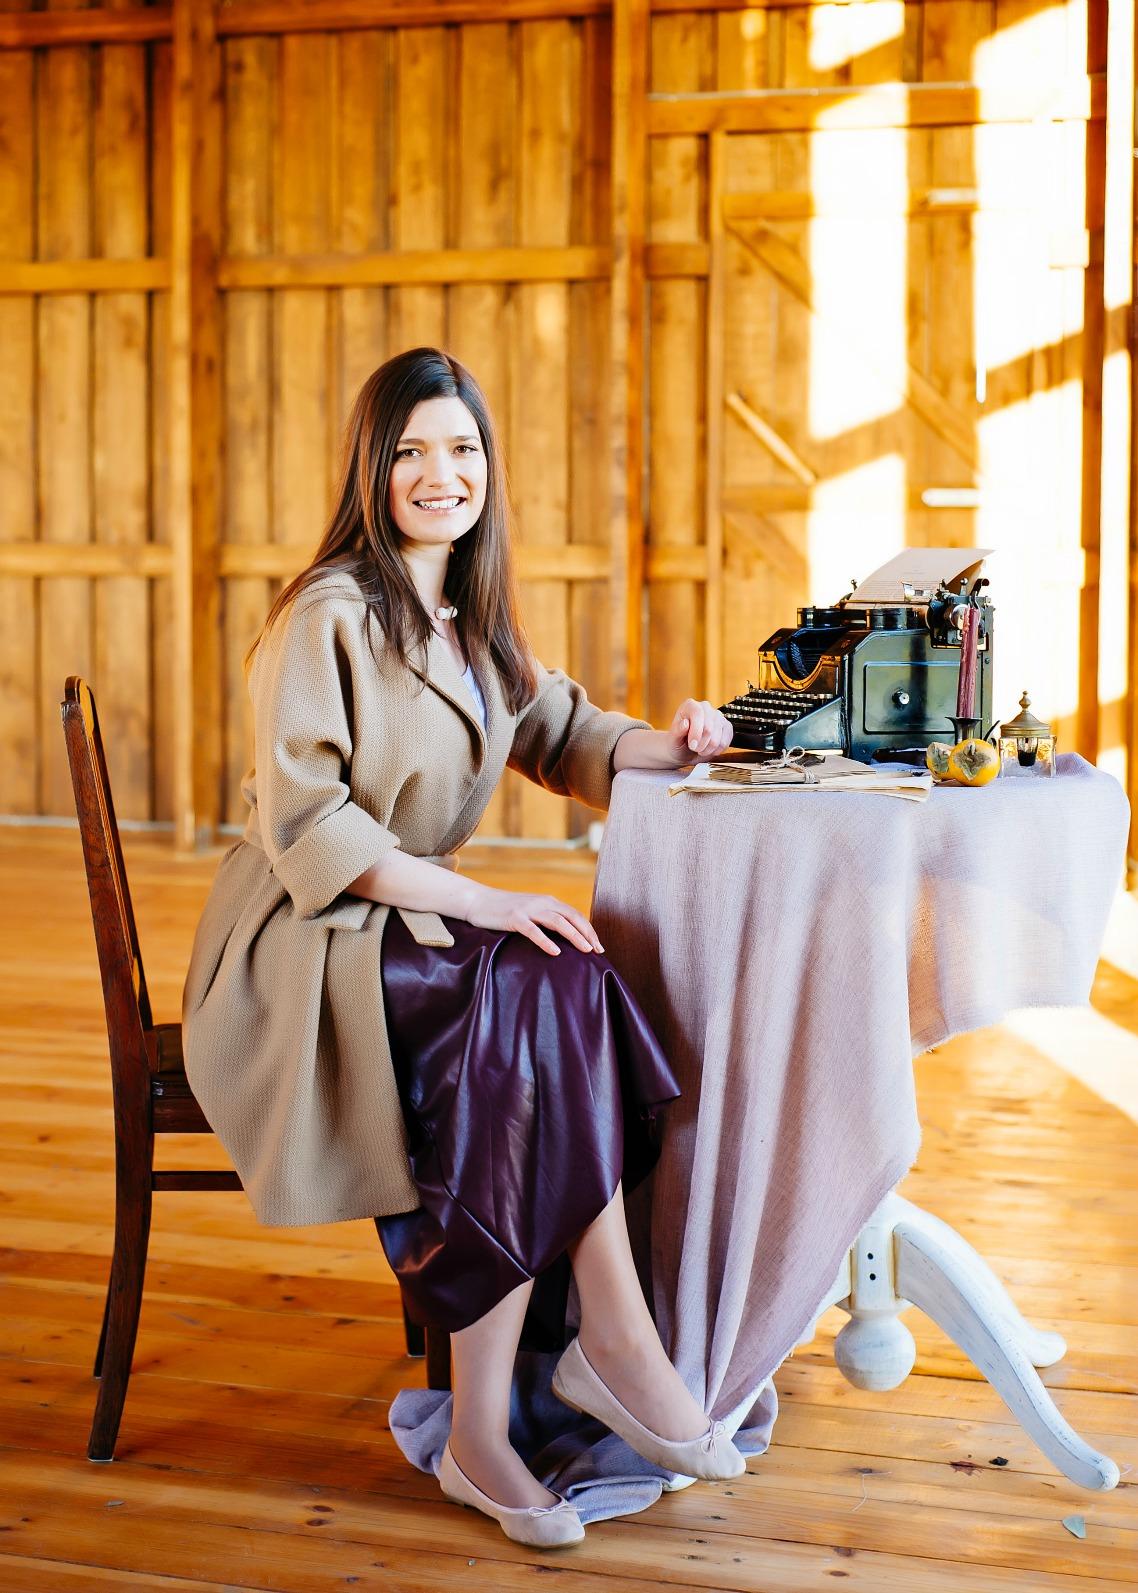 Я писатель | блог Варвары Лялягиной «Дом, в который хочется приходить»